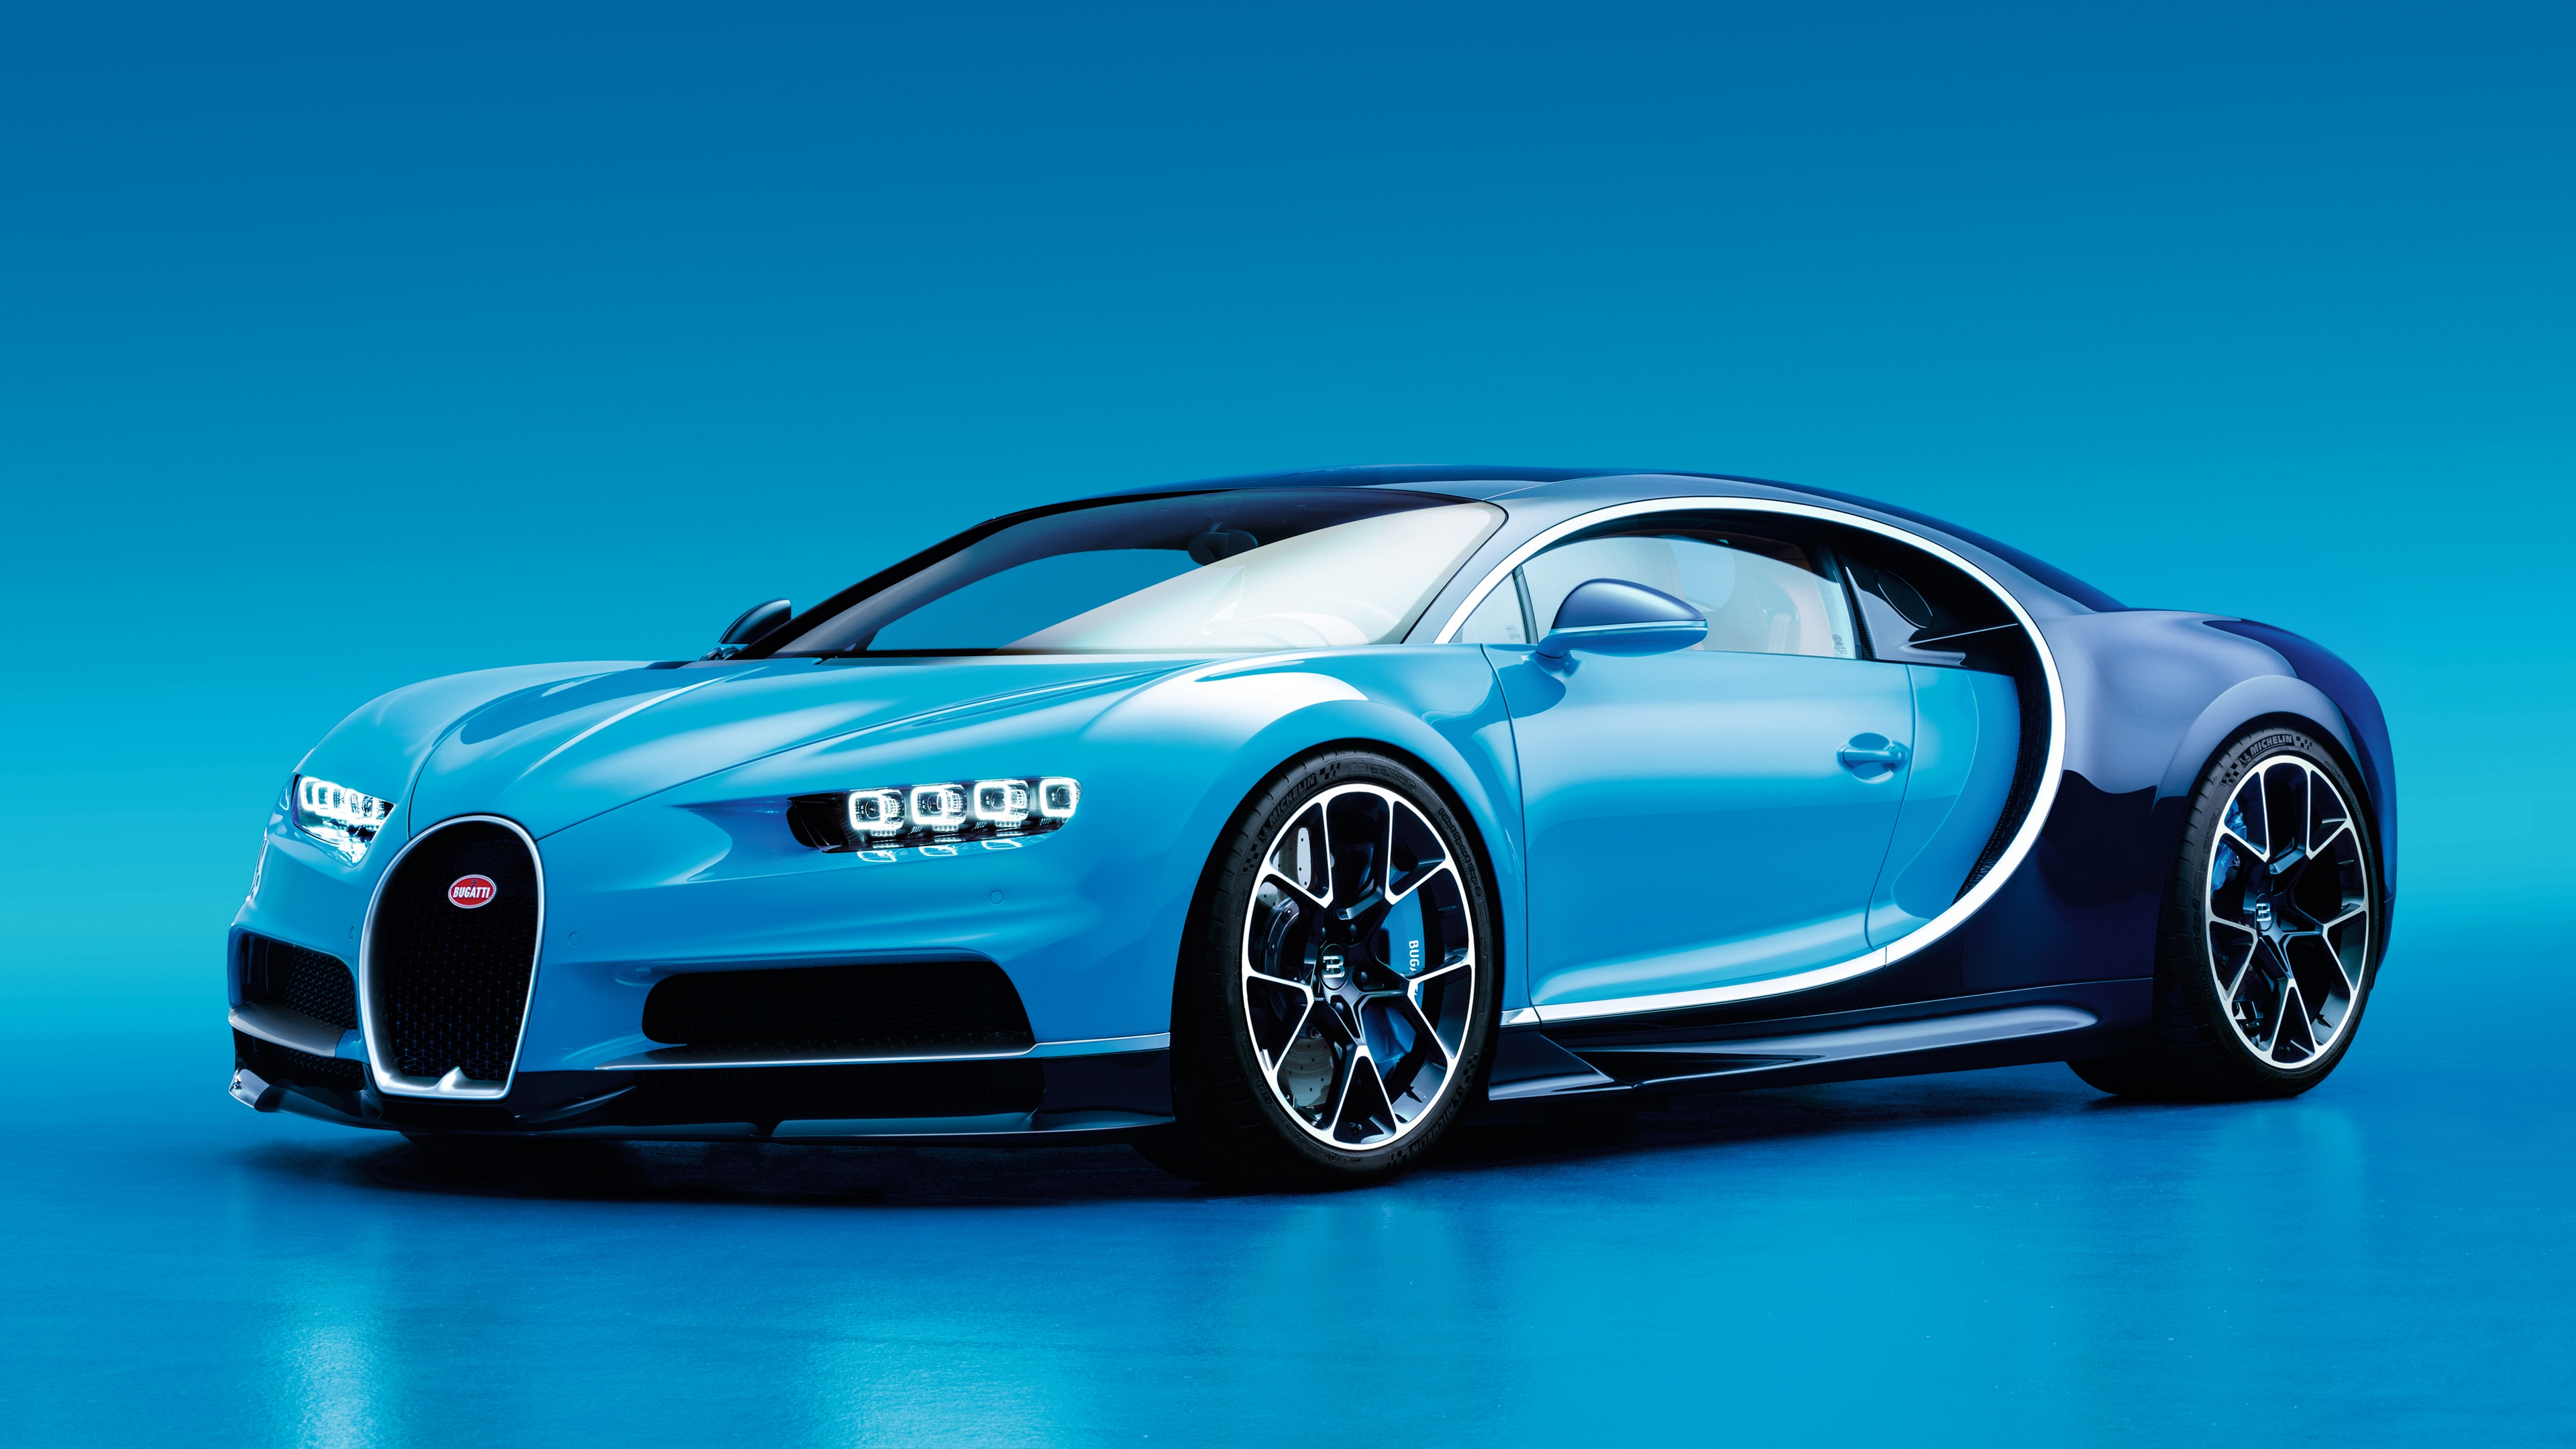 bugatti chiron side view blue 4k 1538936336 - bugatti, chiron, side view, blue 4k - side view, Chiron, Bugatti